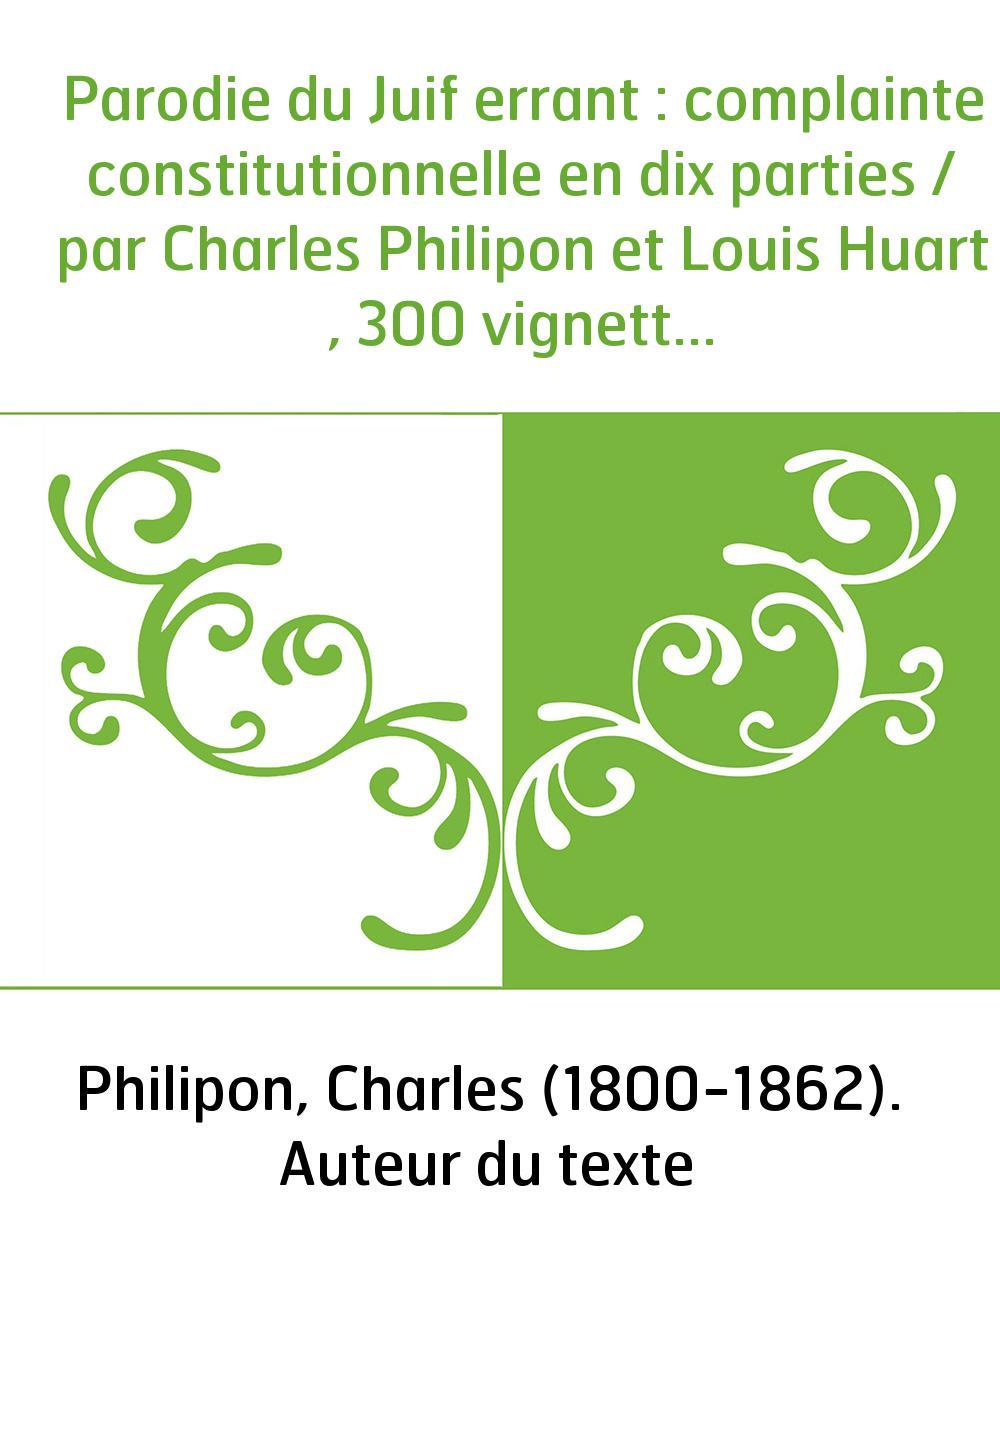 Parodie du Juif errant : complainte constitutionnelle en dix parties / par Charles Philipon et Louis Huart , 300 vignettes par C